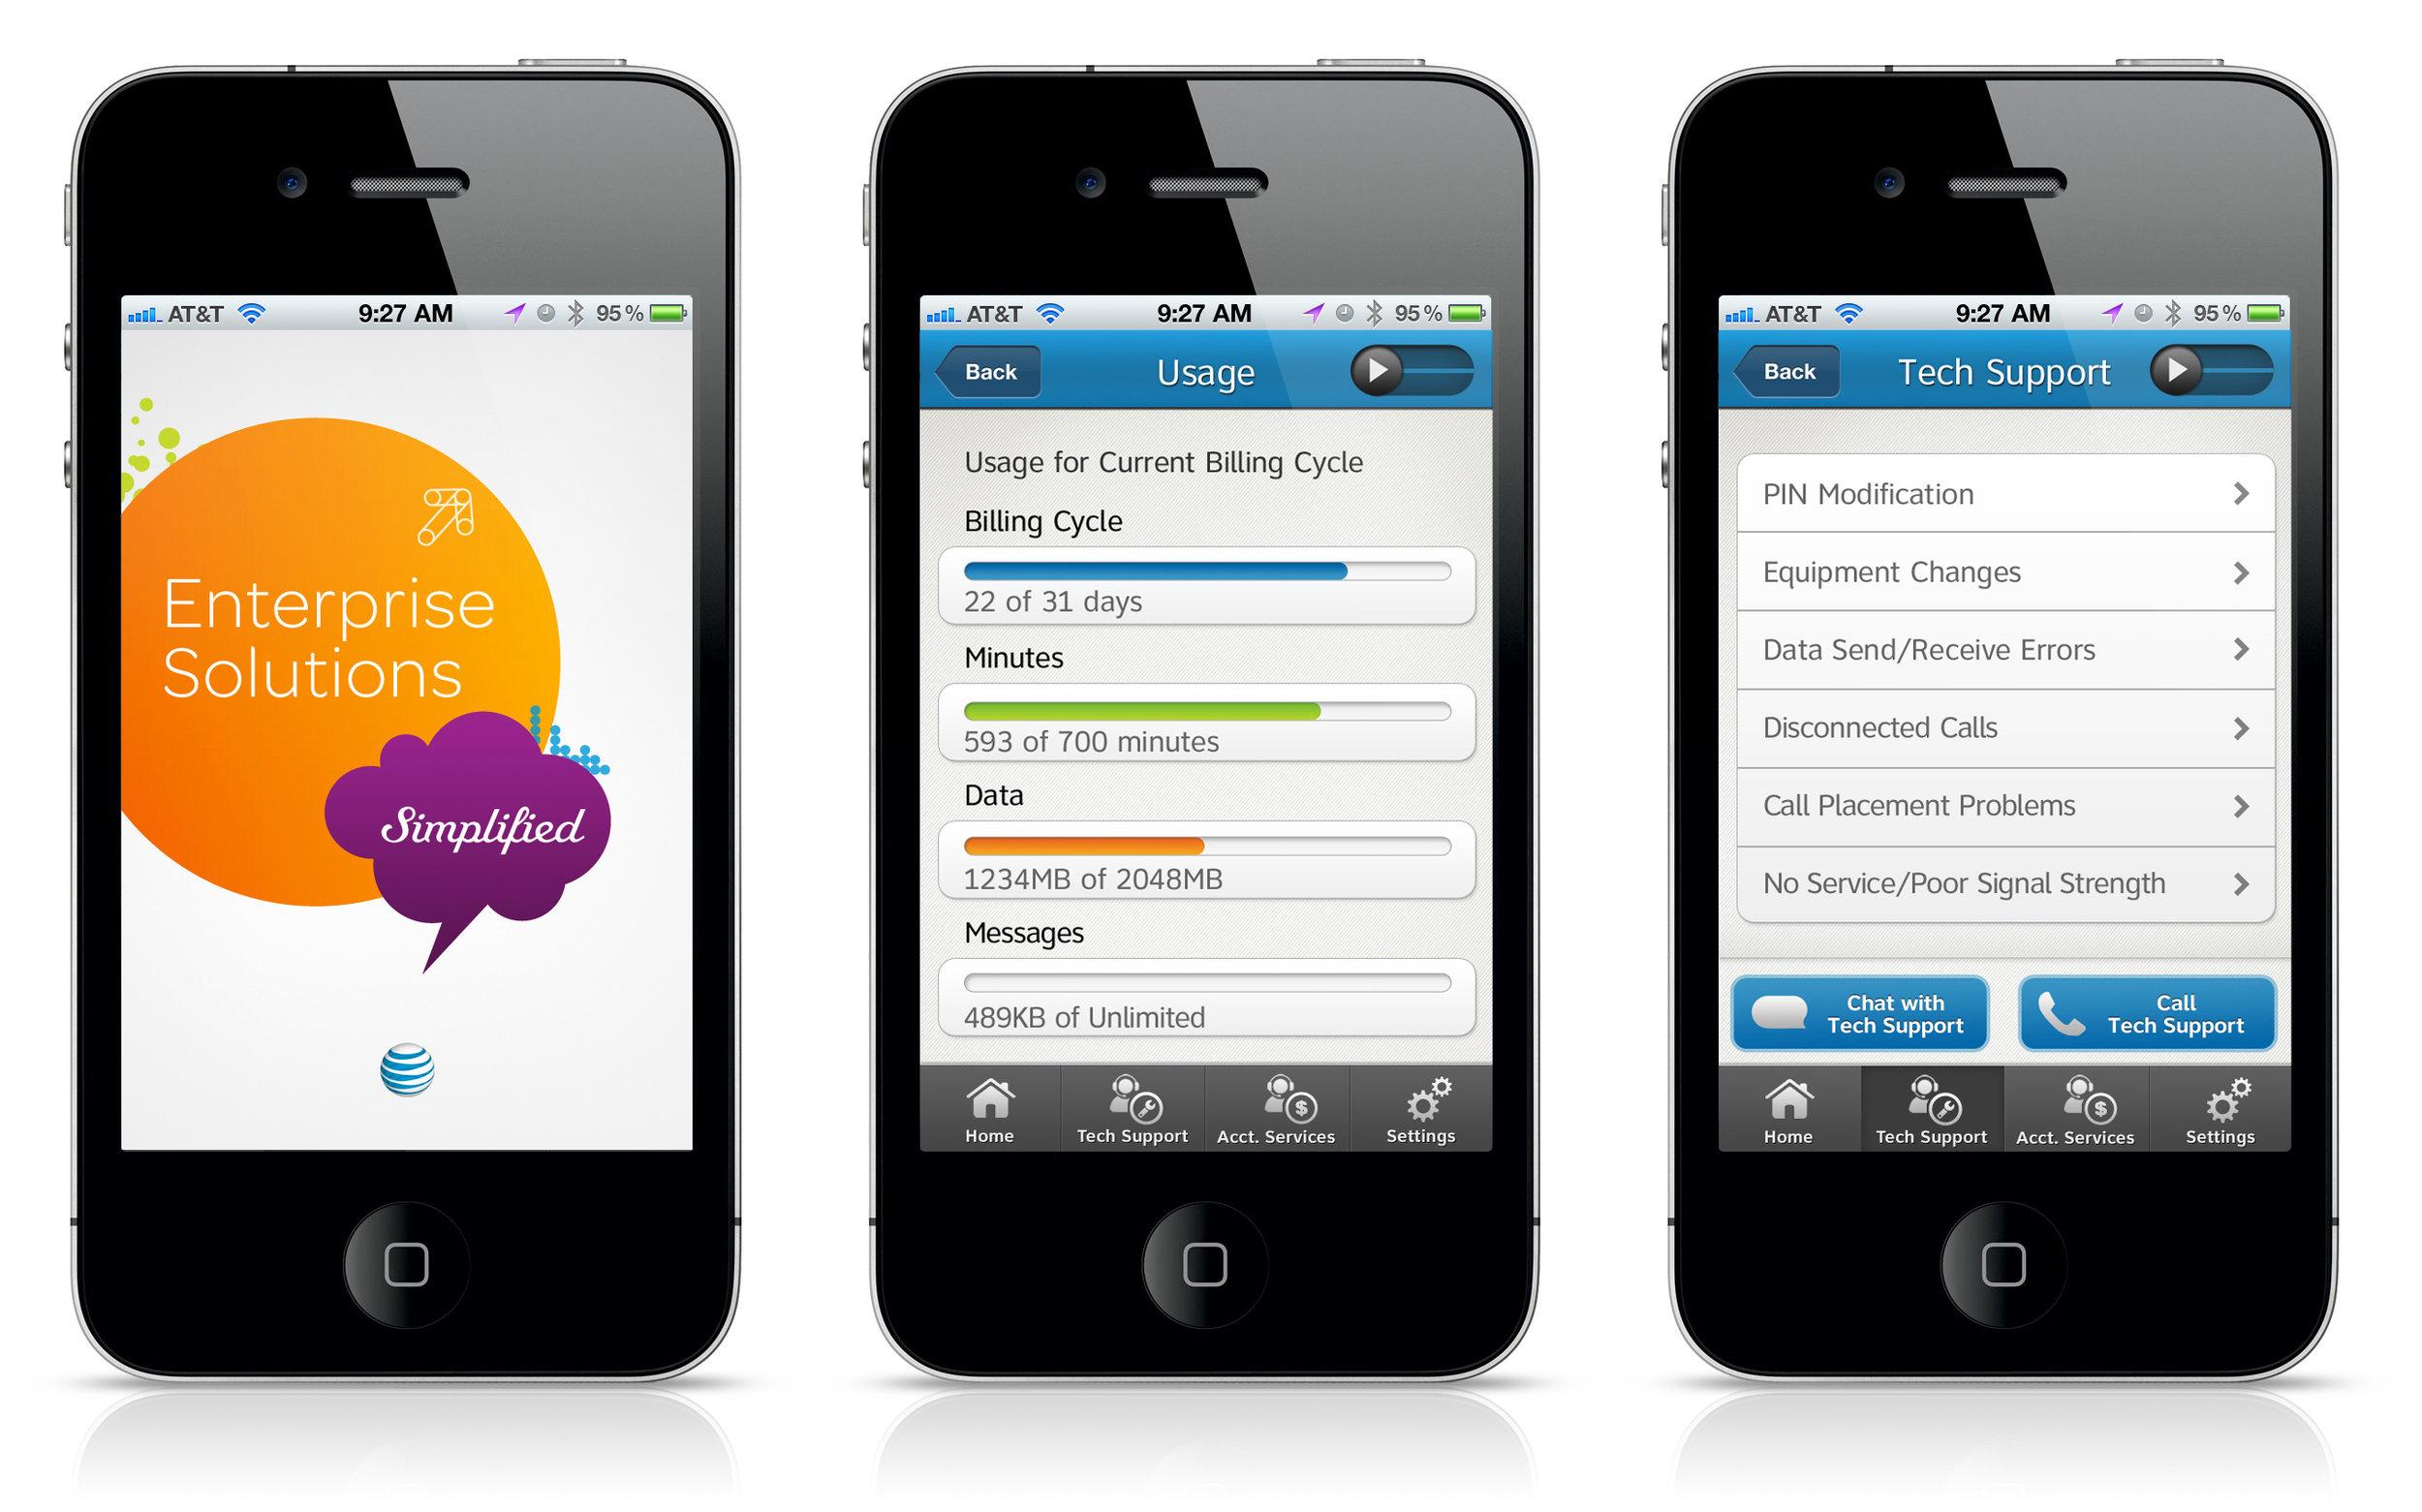 att_mobile.jpg